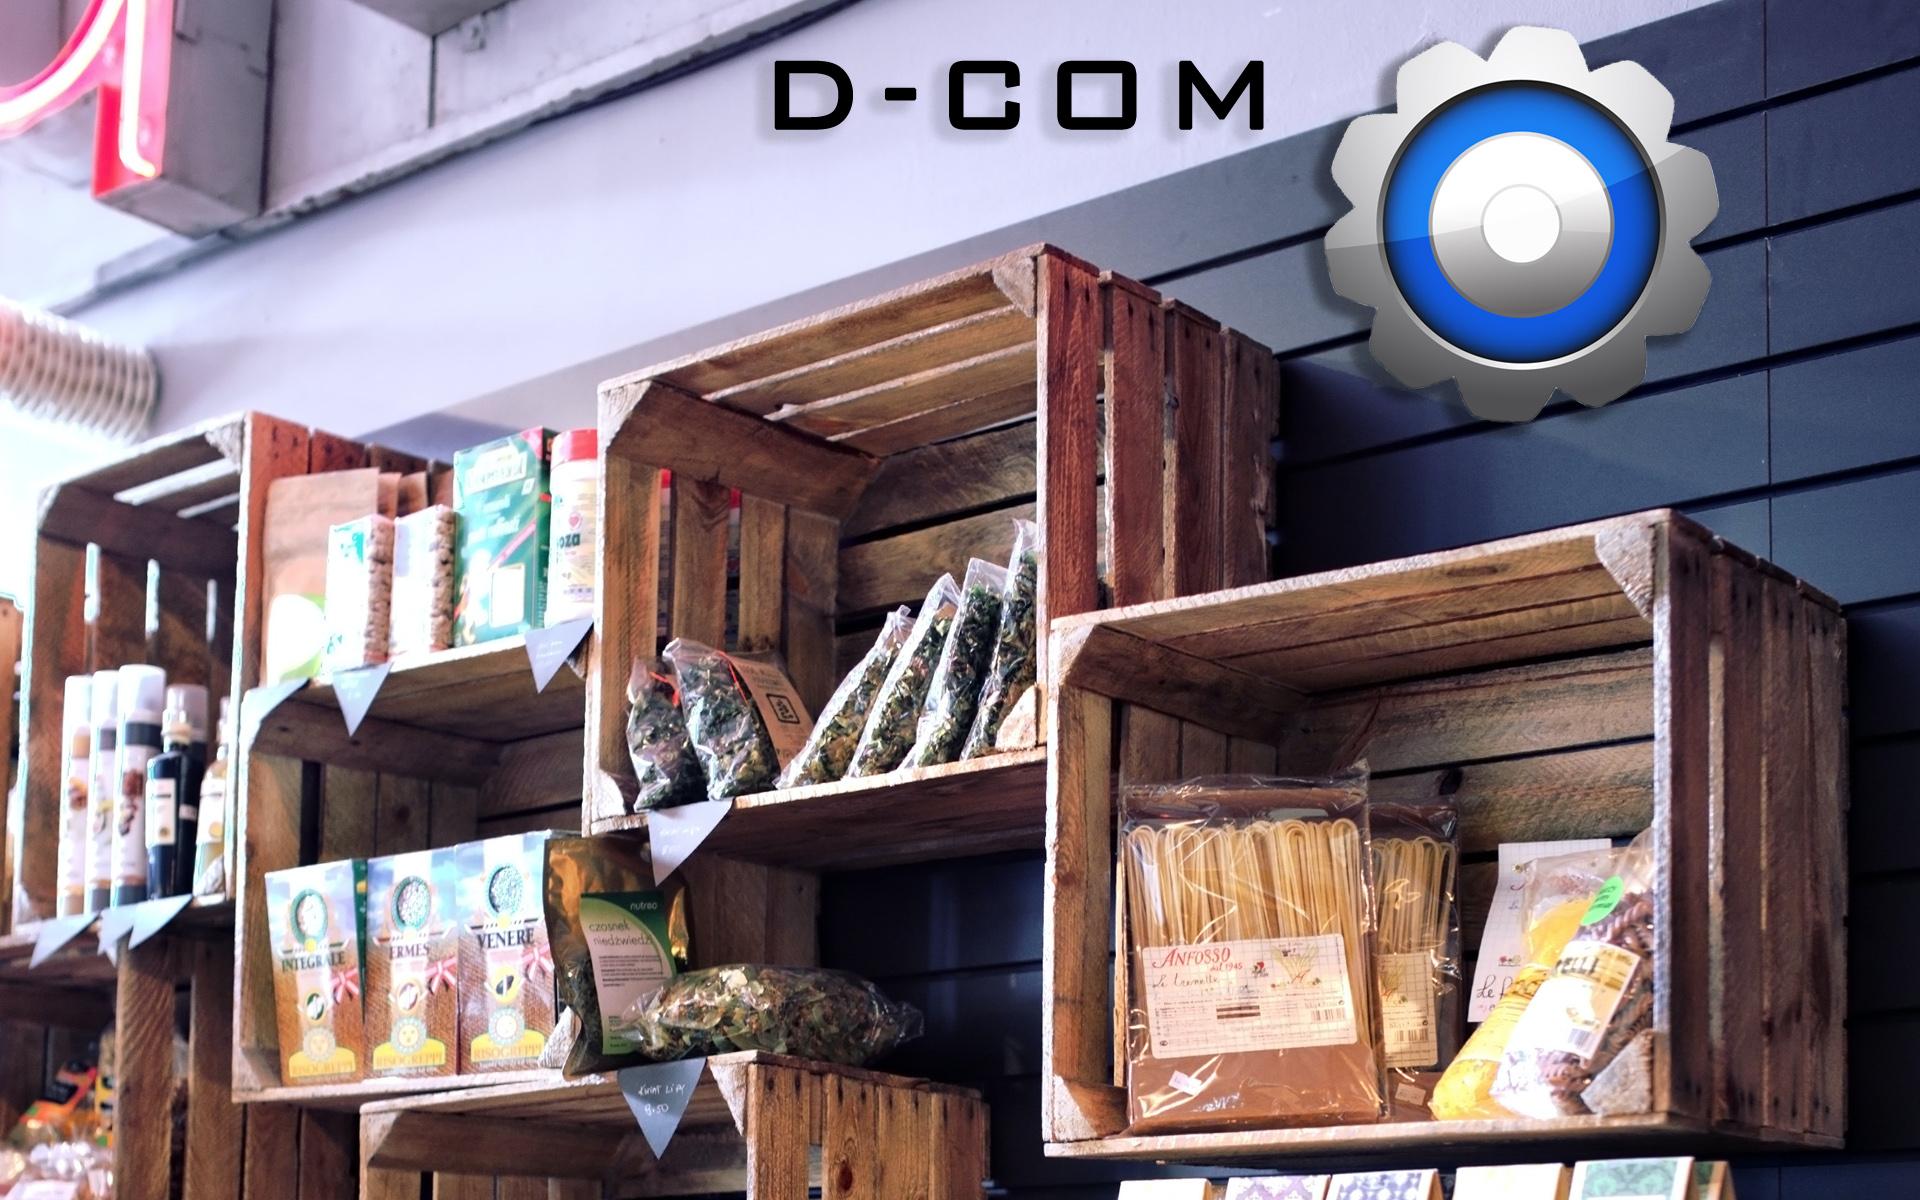 D-COM